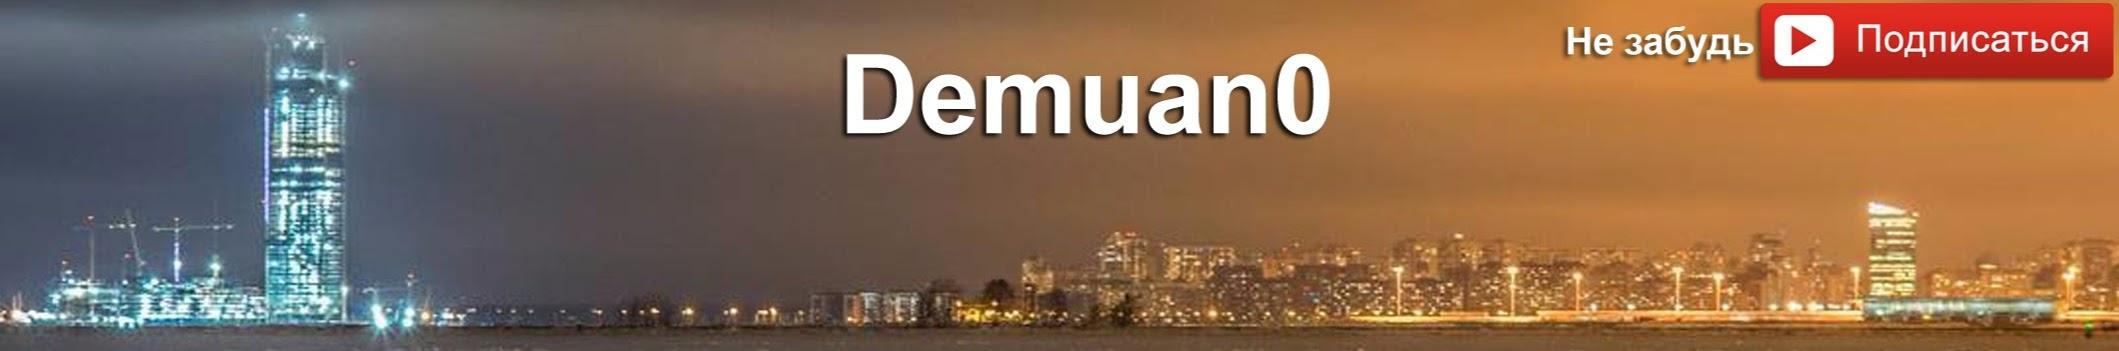 Канал пользователя Demuan0